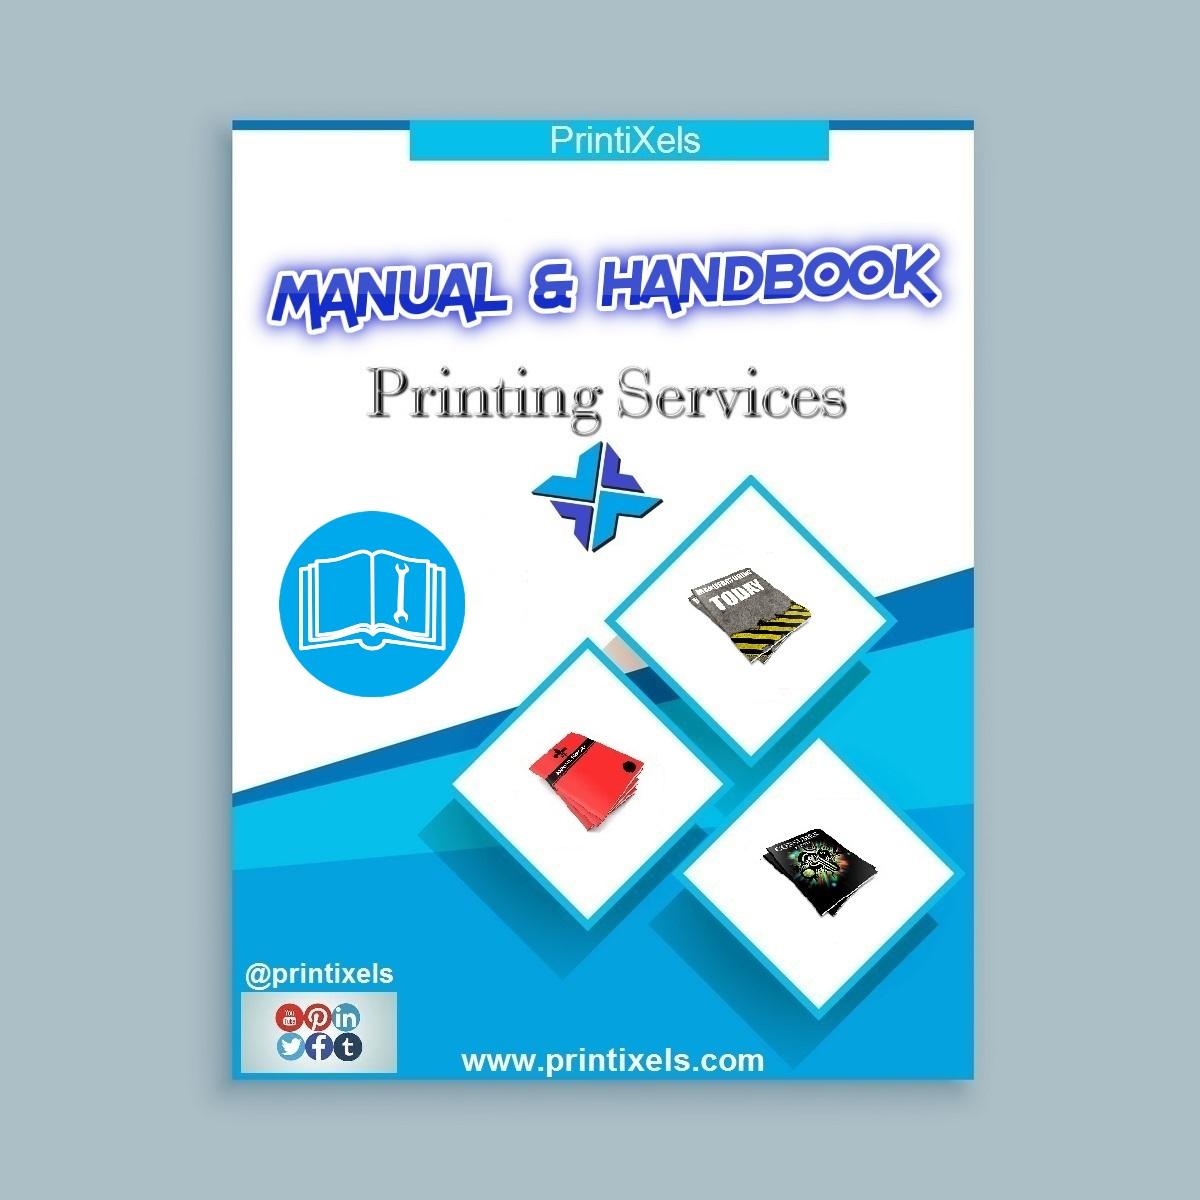 Manual & Handbook Printing Services